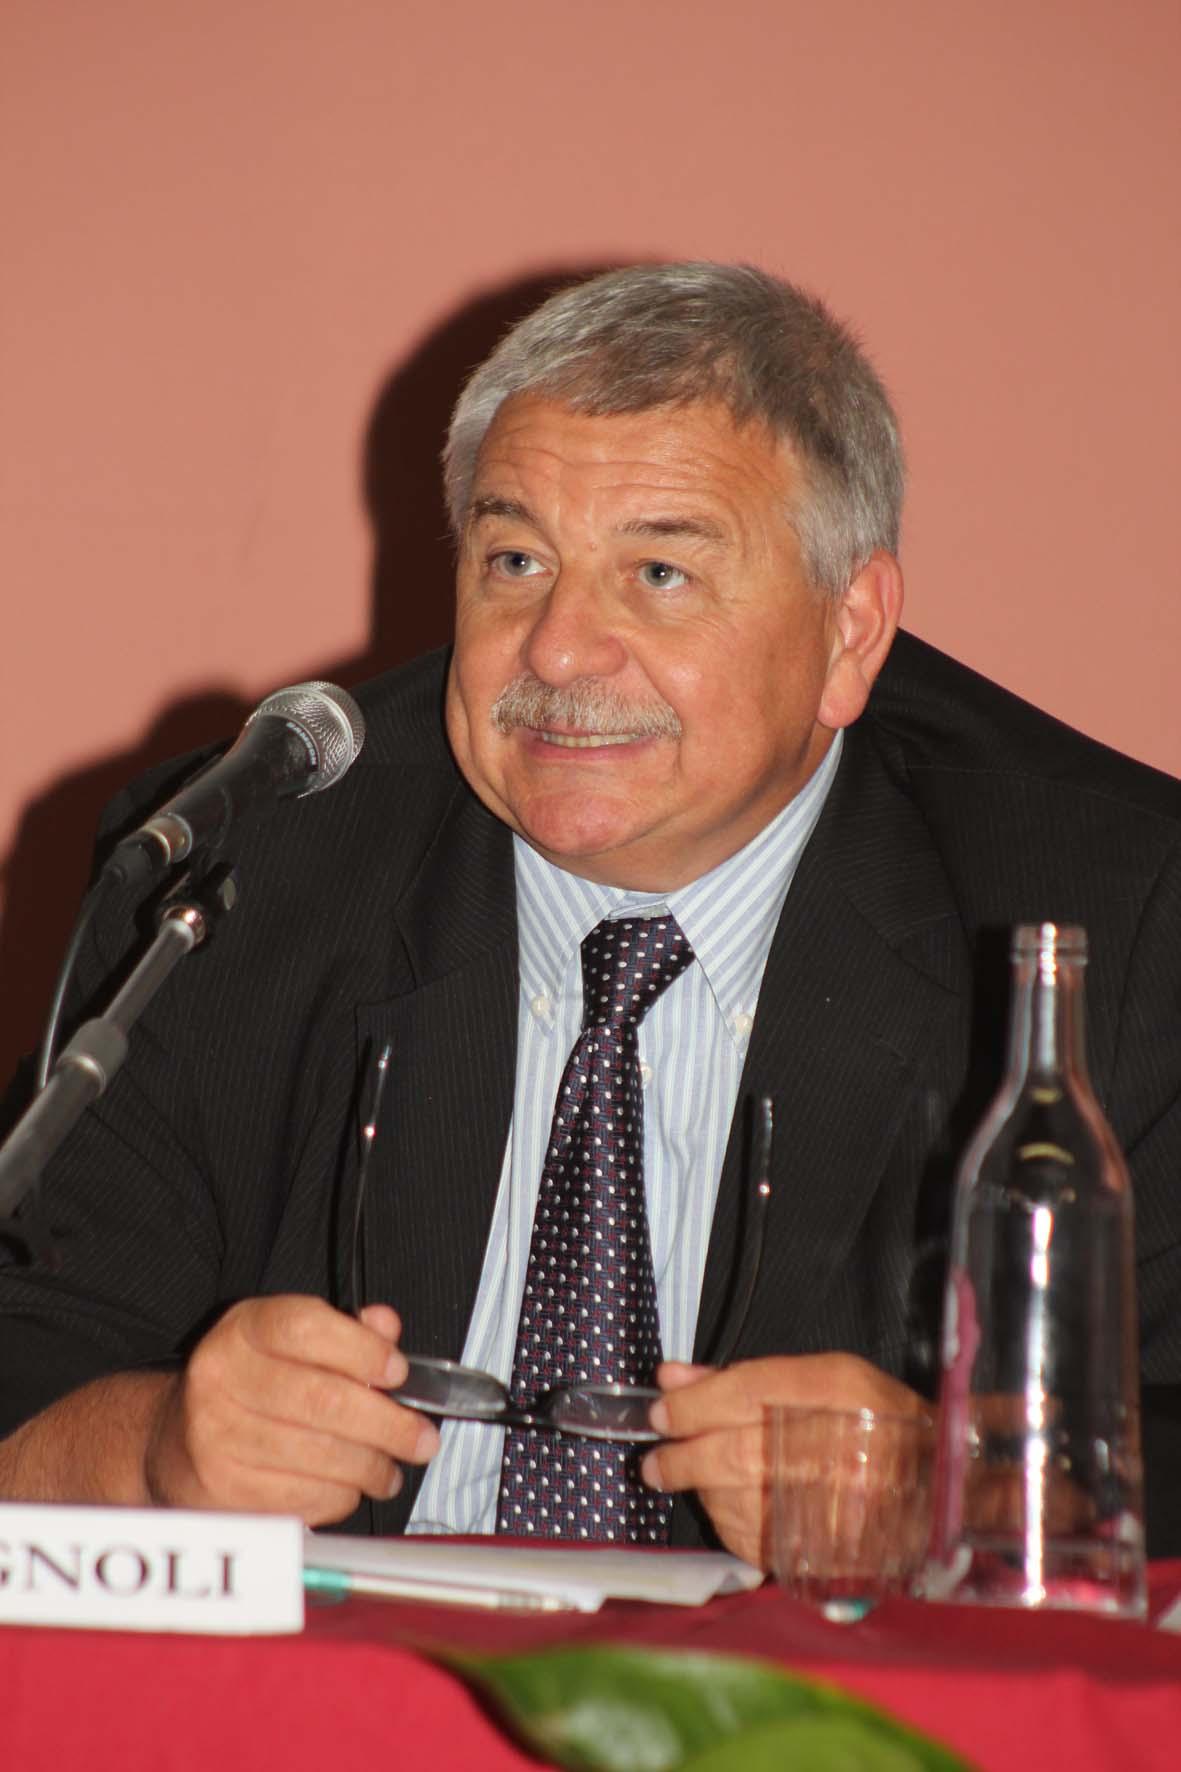 Duccio Campagnoli